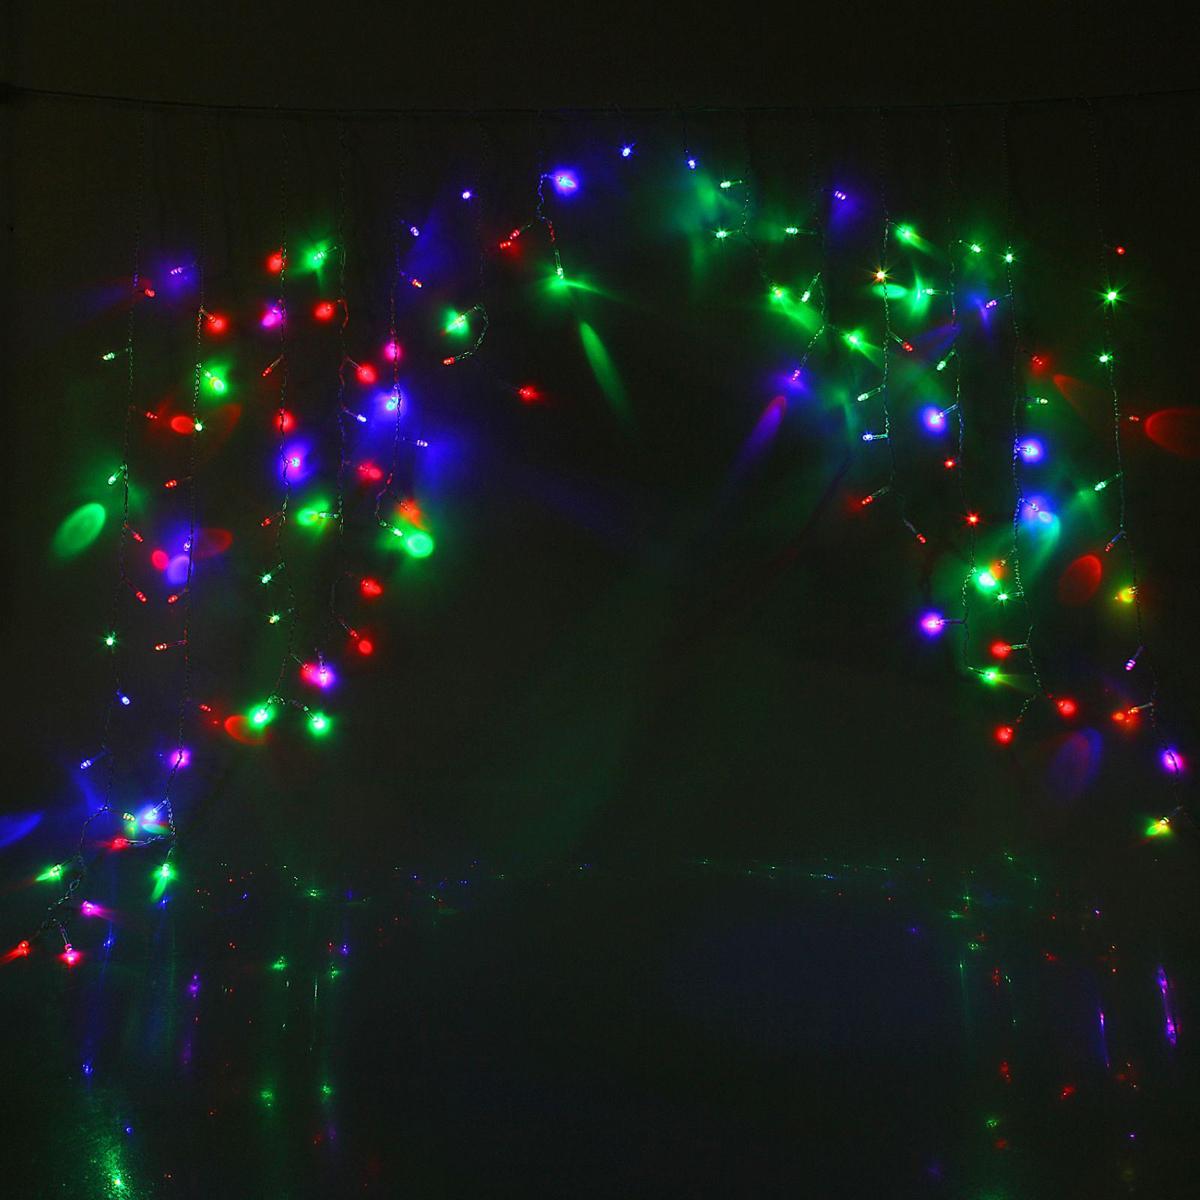 Гирлянда светодиодная Luazon Бахрома. Арка, моргает, 126 ламп, 220 V, цвет: мультиколор, 1 х 1 м. 10804361080436Светодиодные гирлянды, ленты и т.д — это отличный вариант для новогоднего оформления интерьера или фасада. С их помощью помещение любого размера можно превратить в праздничный зал, а внешние элементы зданий, украшенные ими, мгновенно станут напоминать очертания сказочного дворца. Такие украшения создают ауру предвкушения чуда. Деревья, фасады, витрины, окна и арки будто специально созданы, чтобы вы украсили их светящимися нитями.